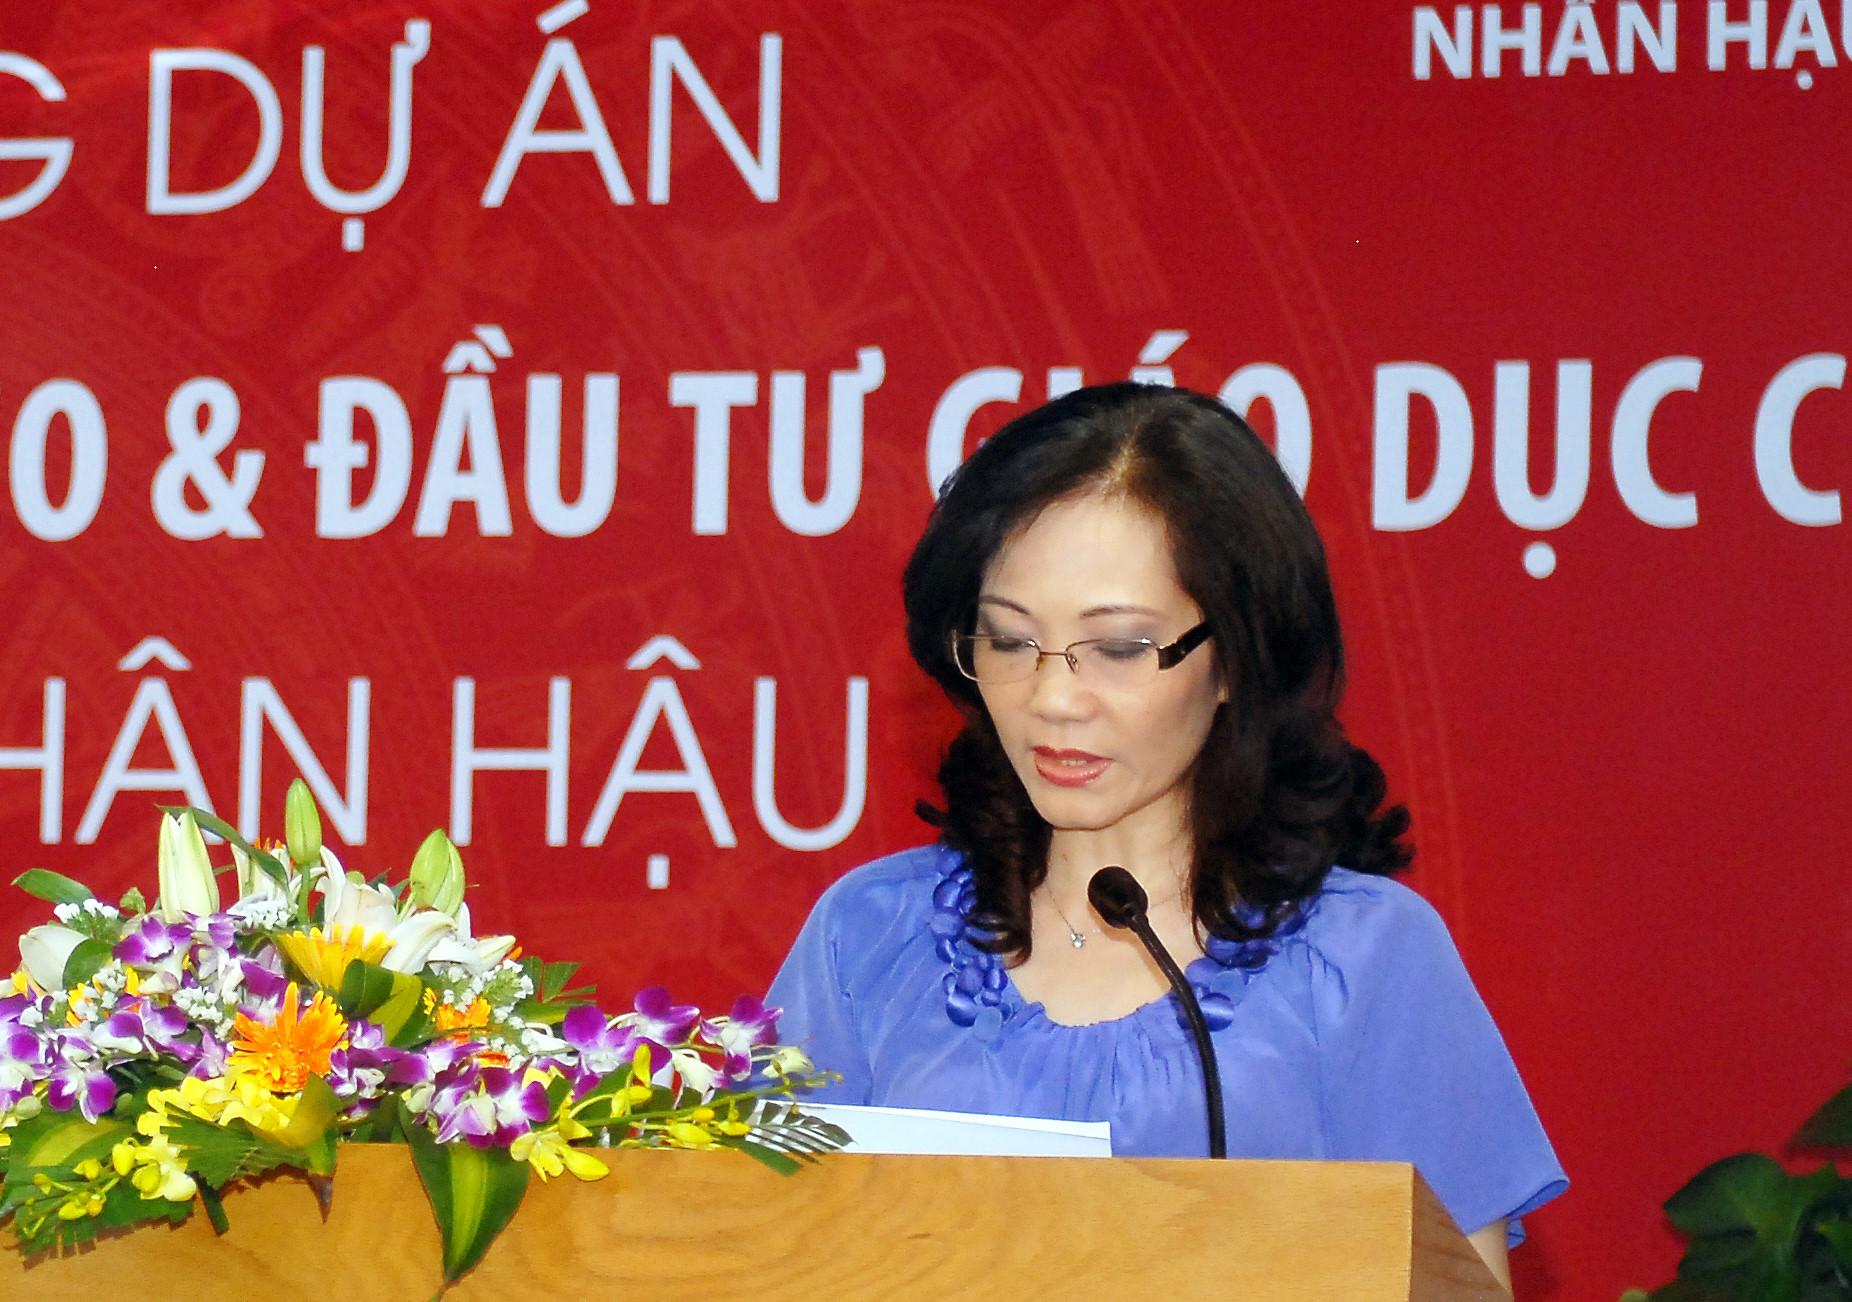 Top 10 Nữ Tướng giàu có và quyền lực nhất Việt Nam hiện nay 8